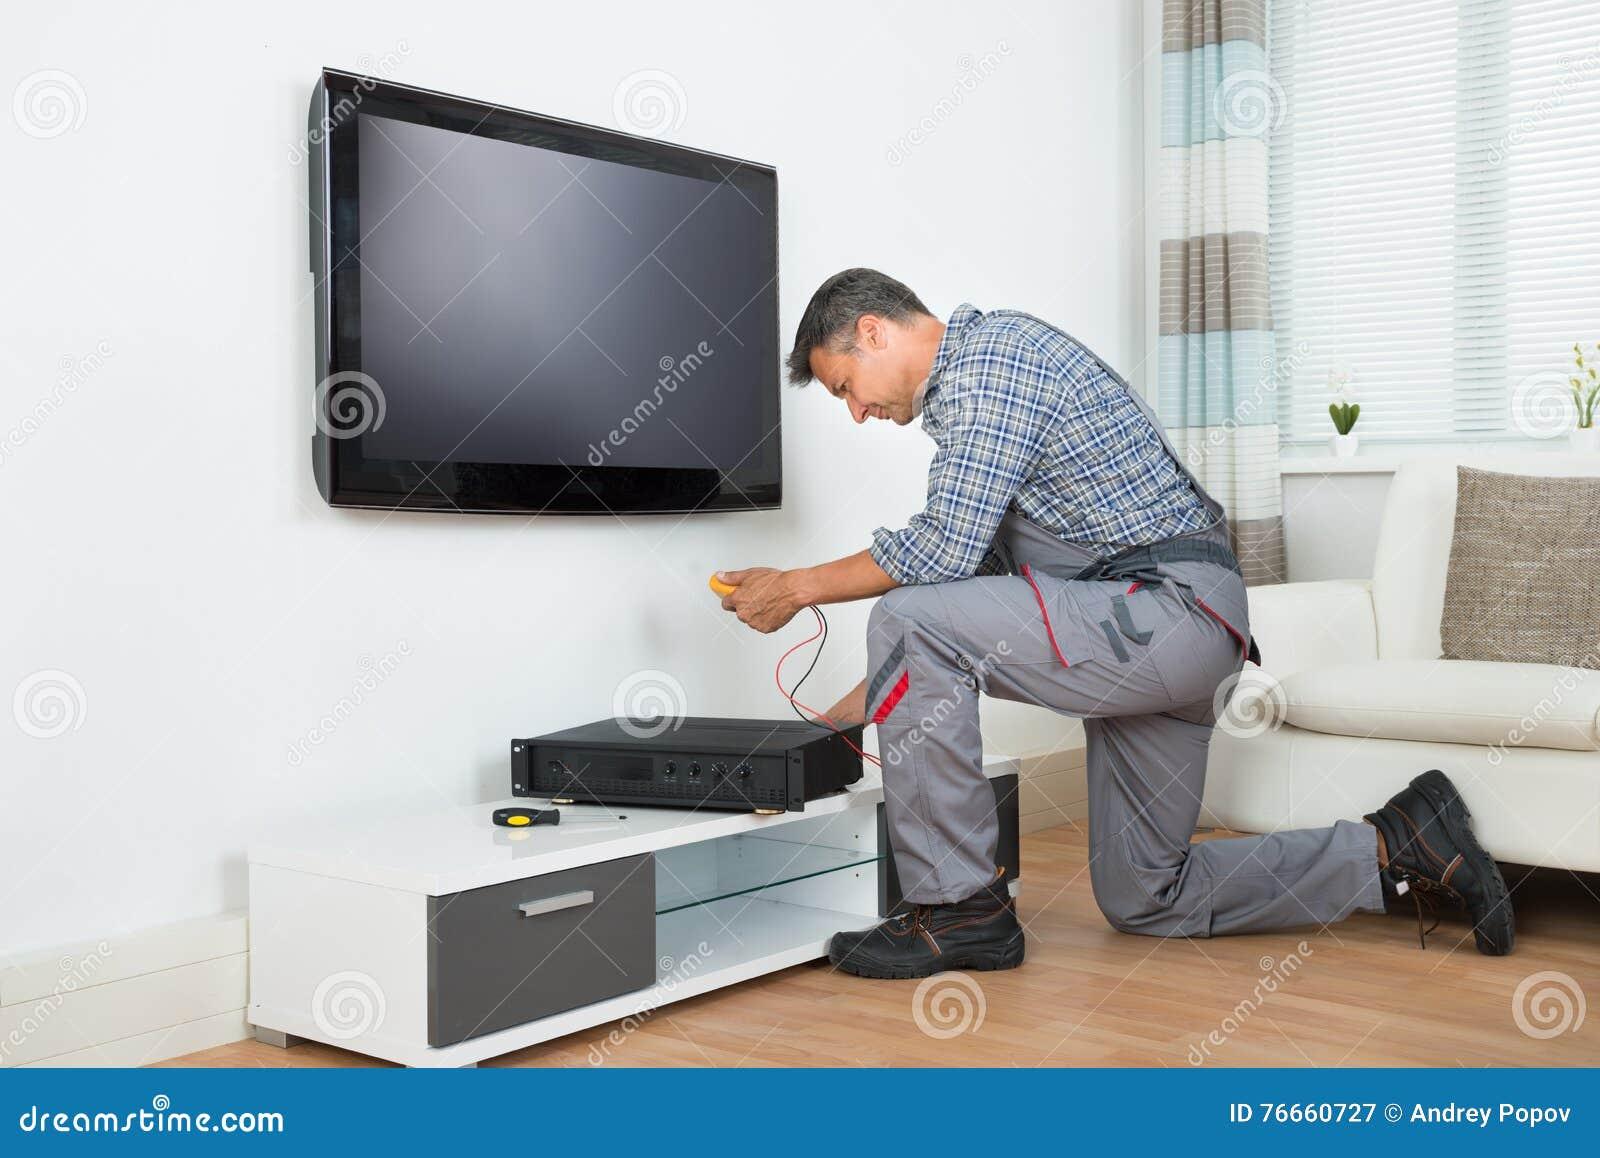 在家安装电视机上面箱子的技术员